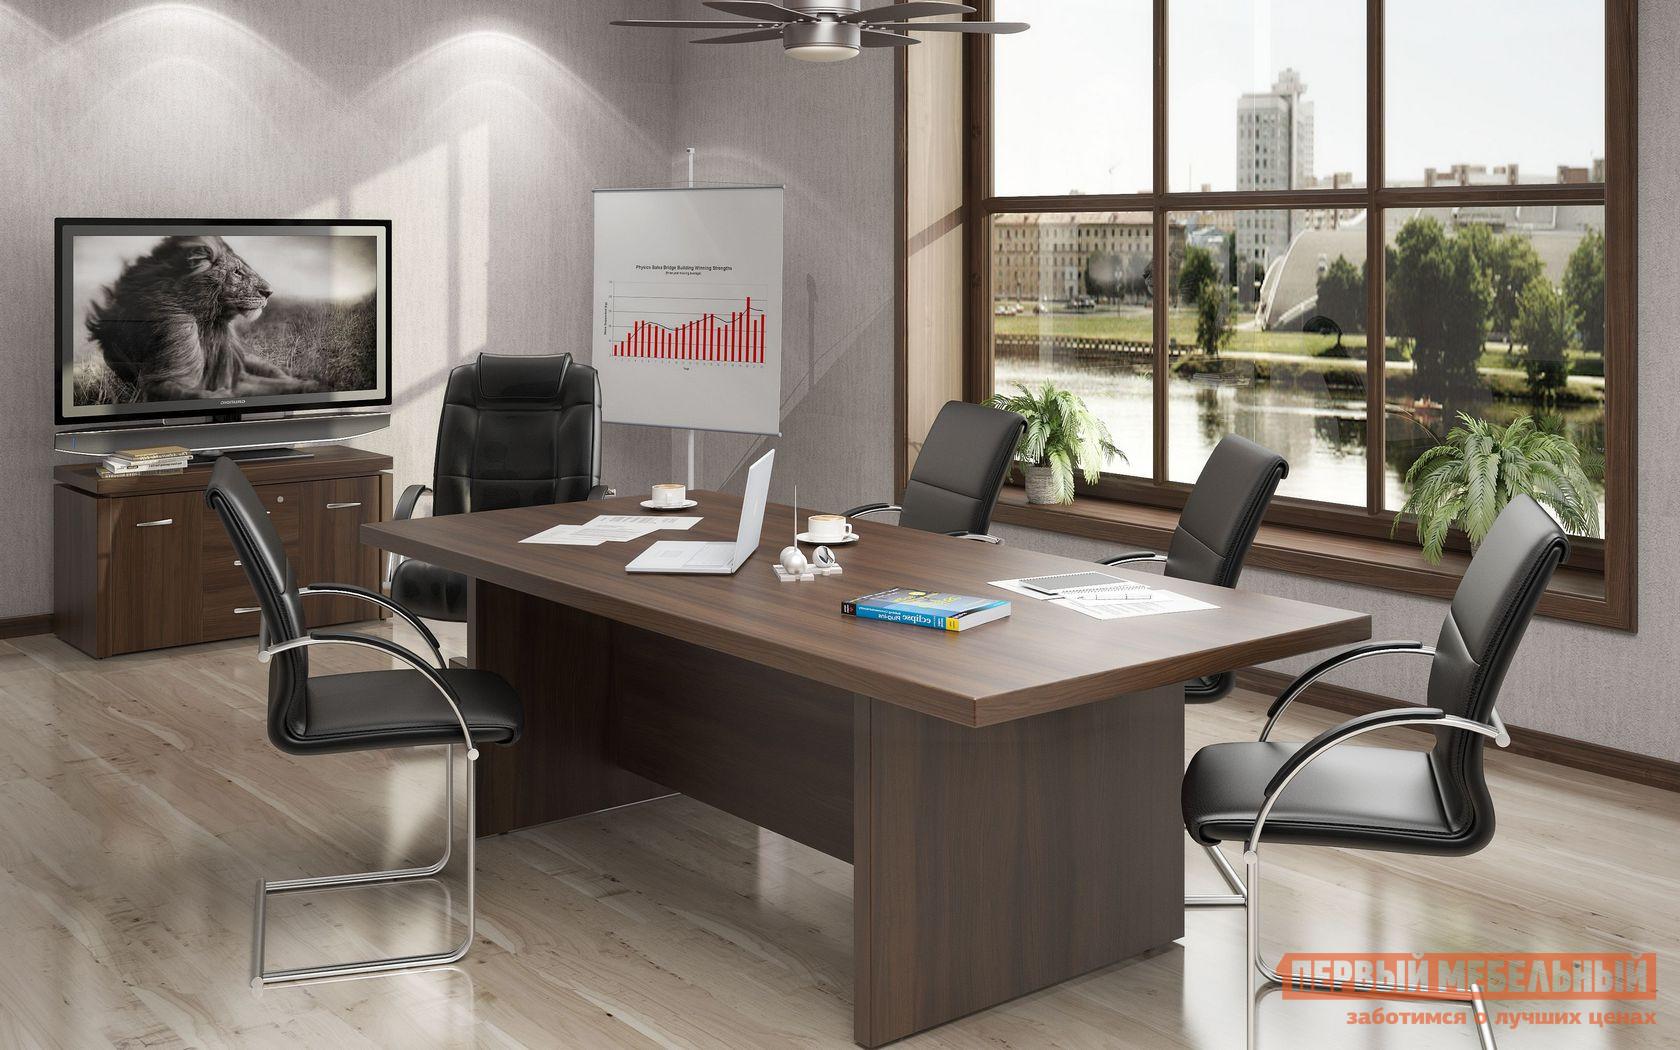 Комплект офисной мебели Эдем Милан Конференц К1 комплект детской мебели трия аватар лайм к1